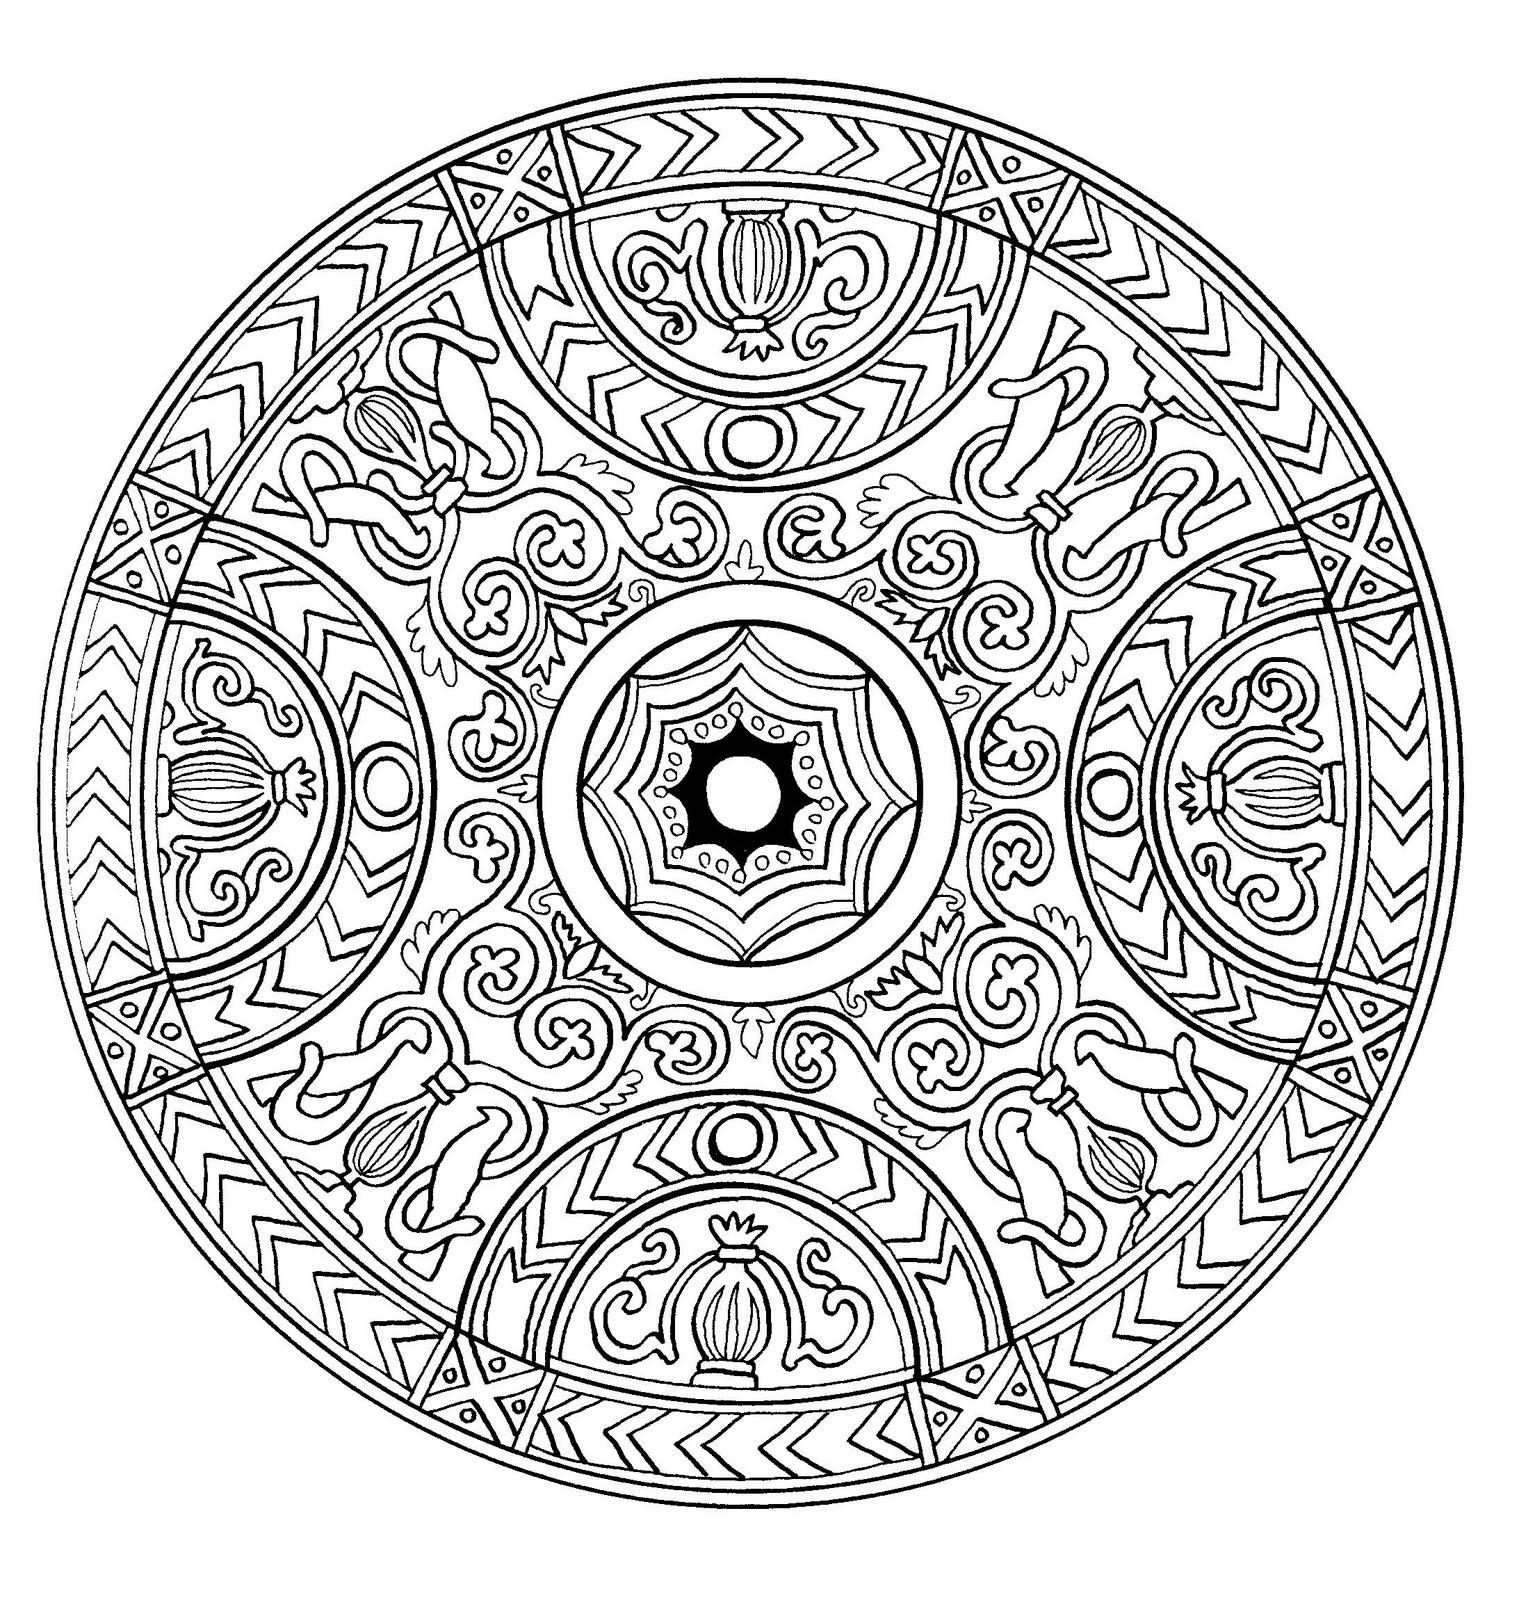 Coloriage mandala assez antique avec plusieurs détails et formes Assez pliqué  colorier